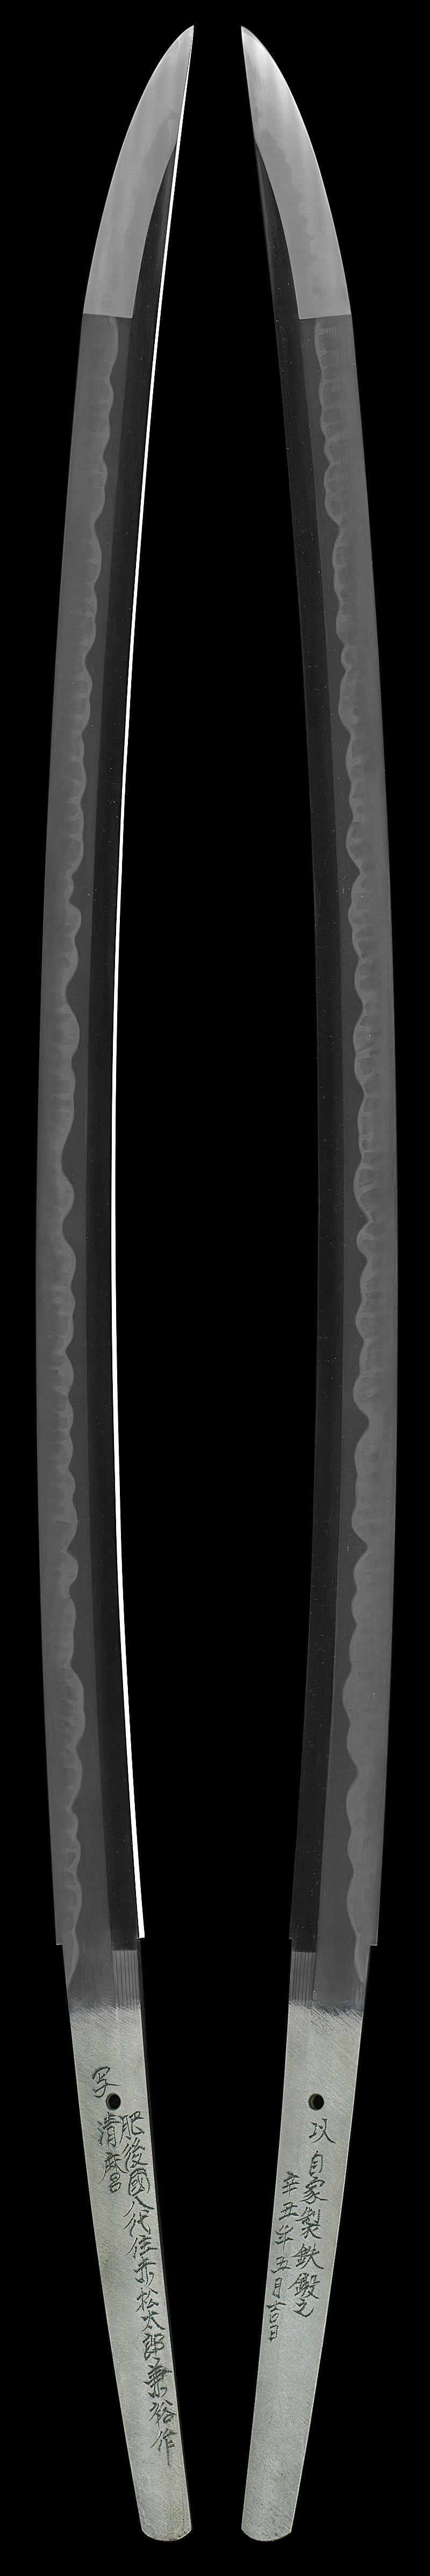 刀 現代刀 肥後國八代住赤松太郎兼裕作 写清麿 (新作刀)  以自家製鉄鍛之 辛丑年五月吉日全体画像